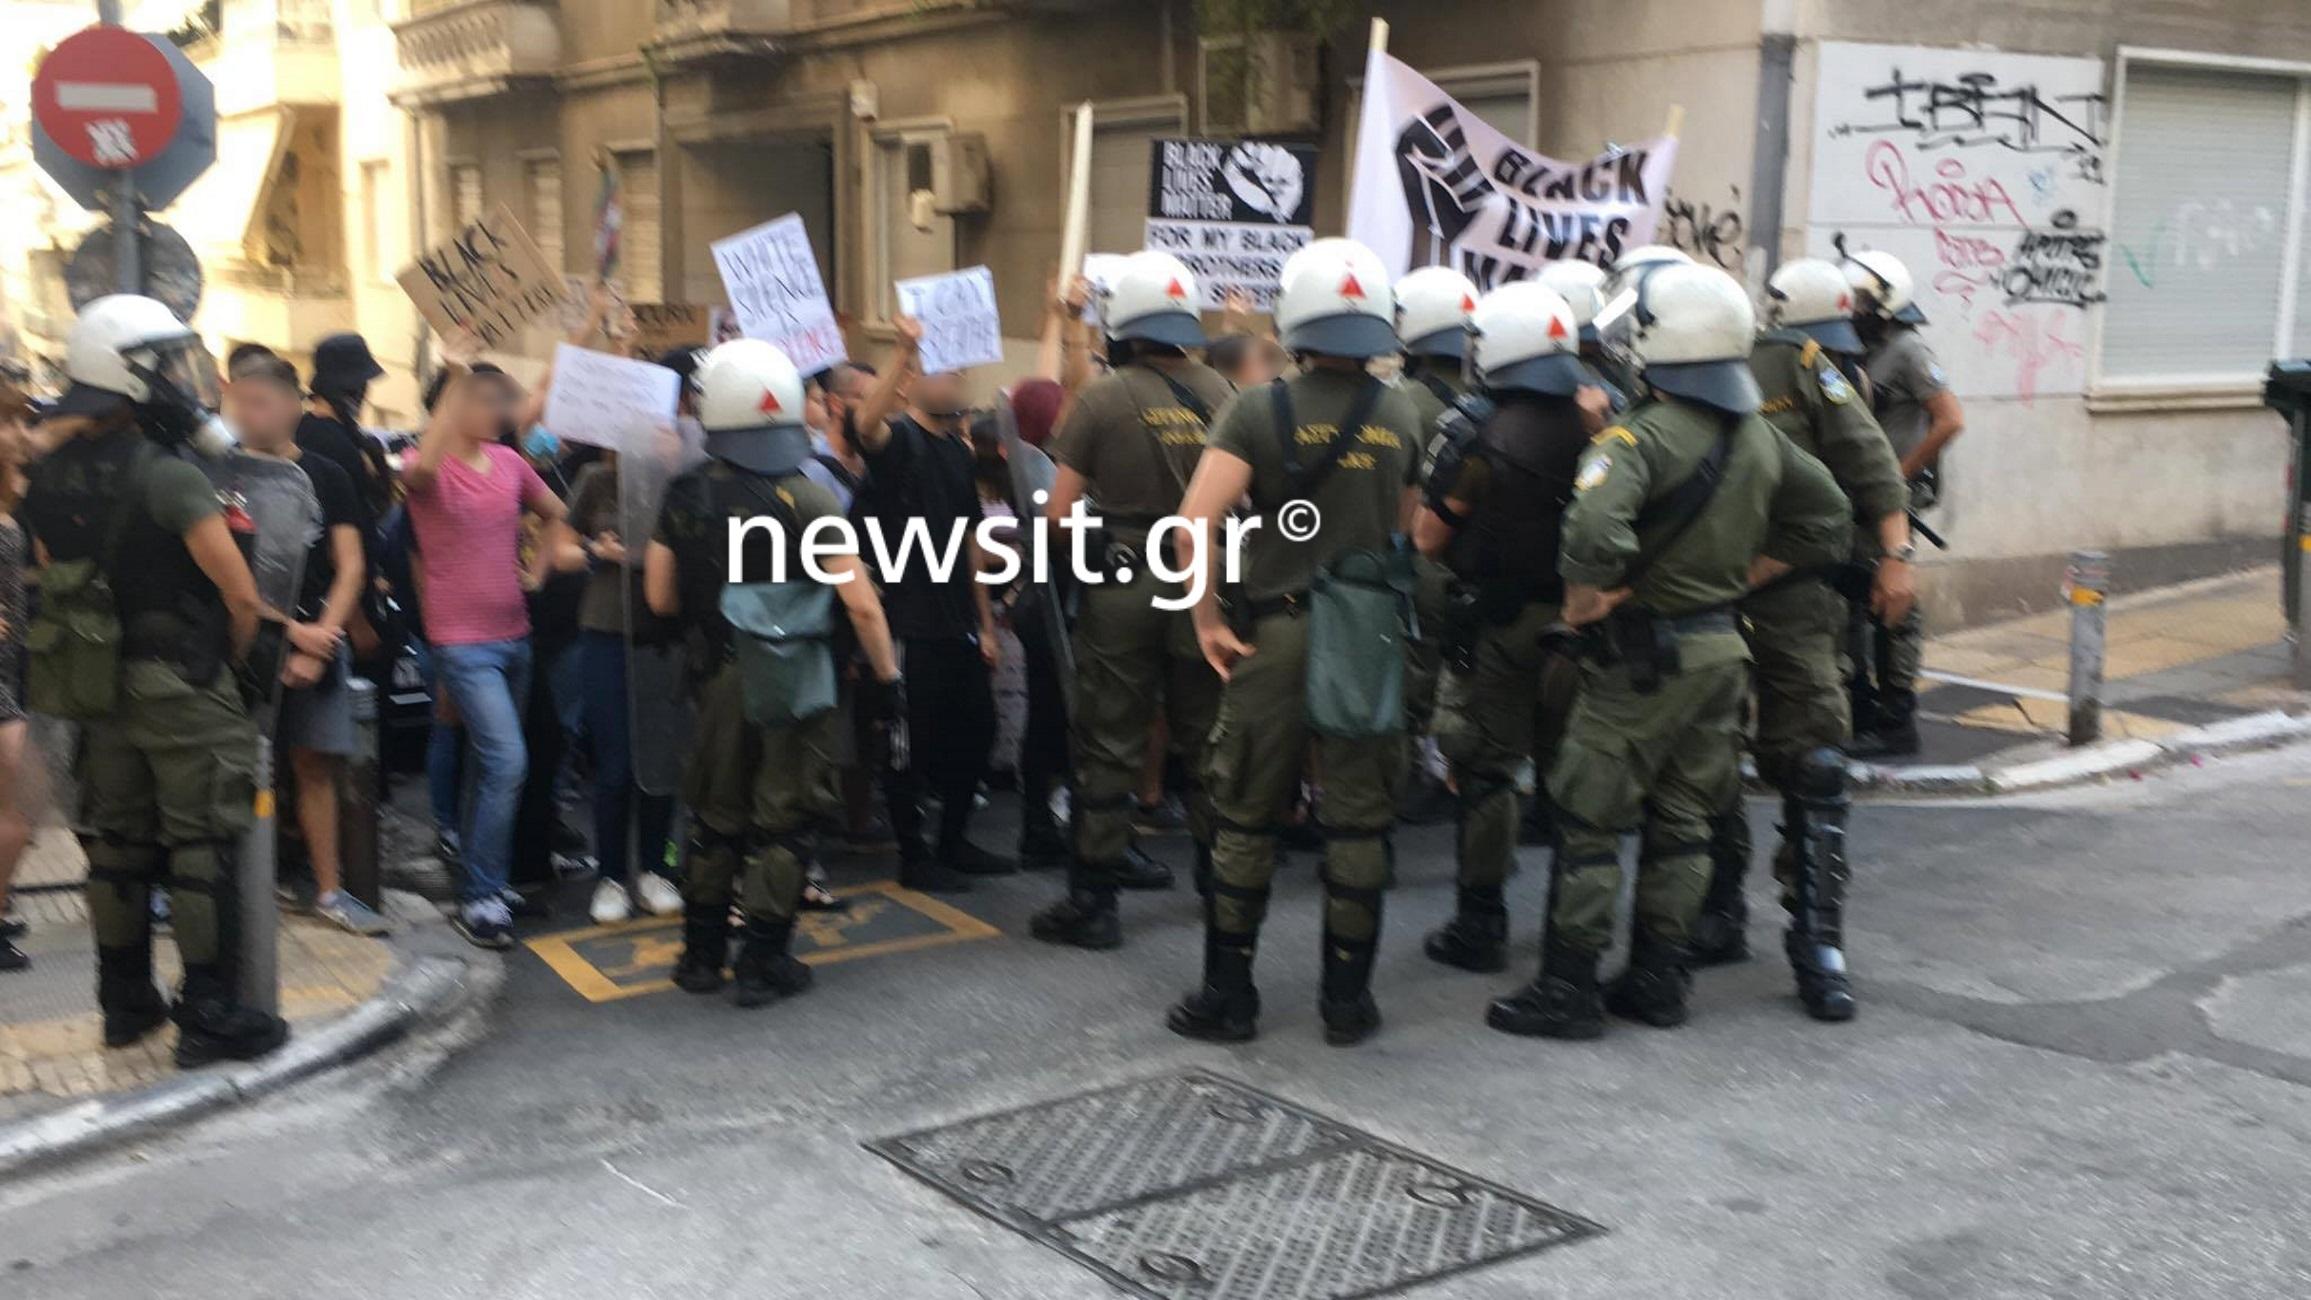 Ένταση στην Ακαδημίας σε διαμαρτυρία για τον Φλόιντ – Μία προσαγωγή